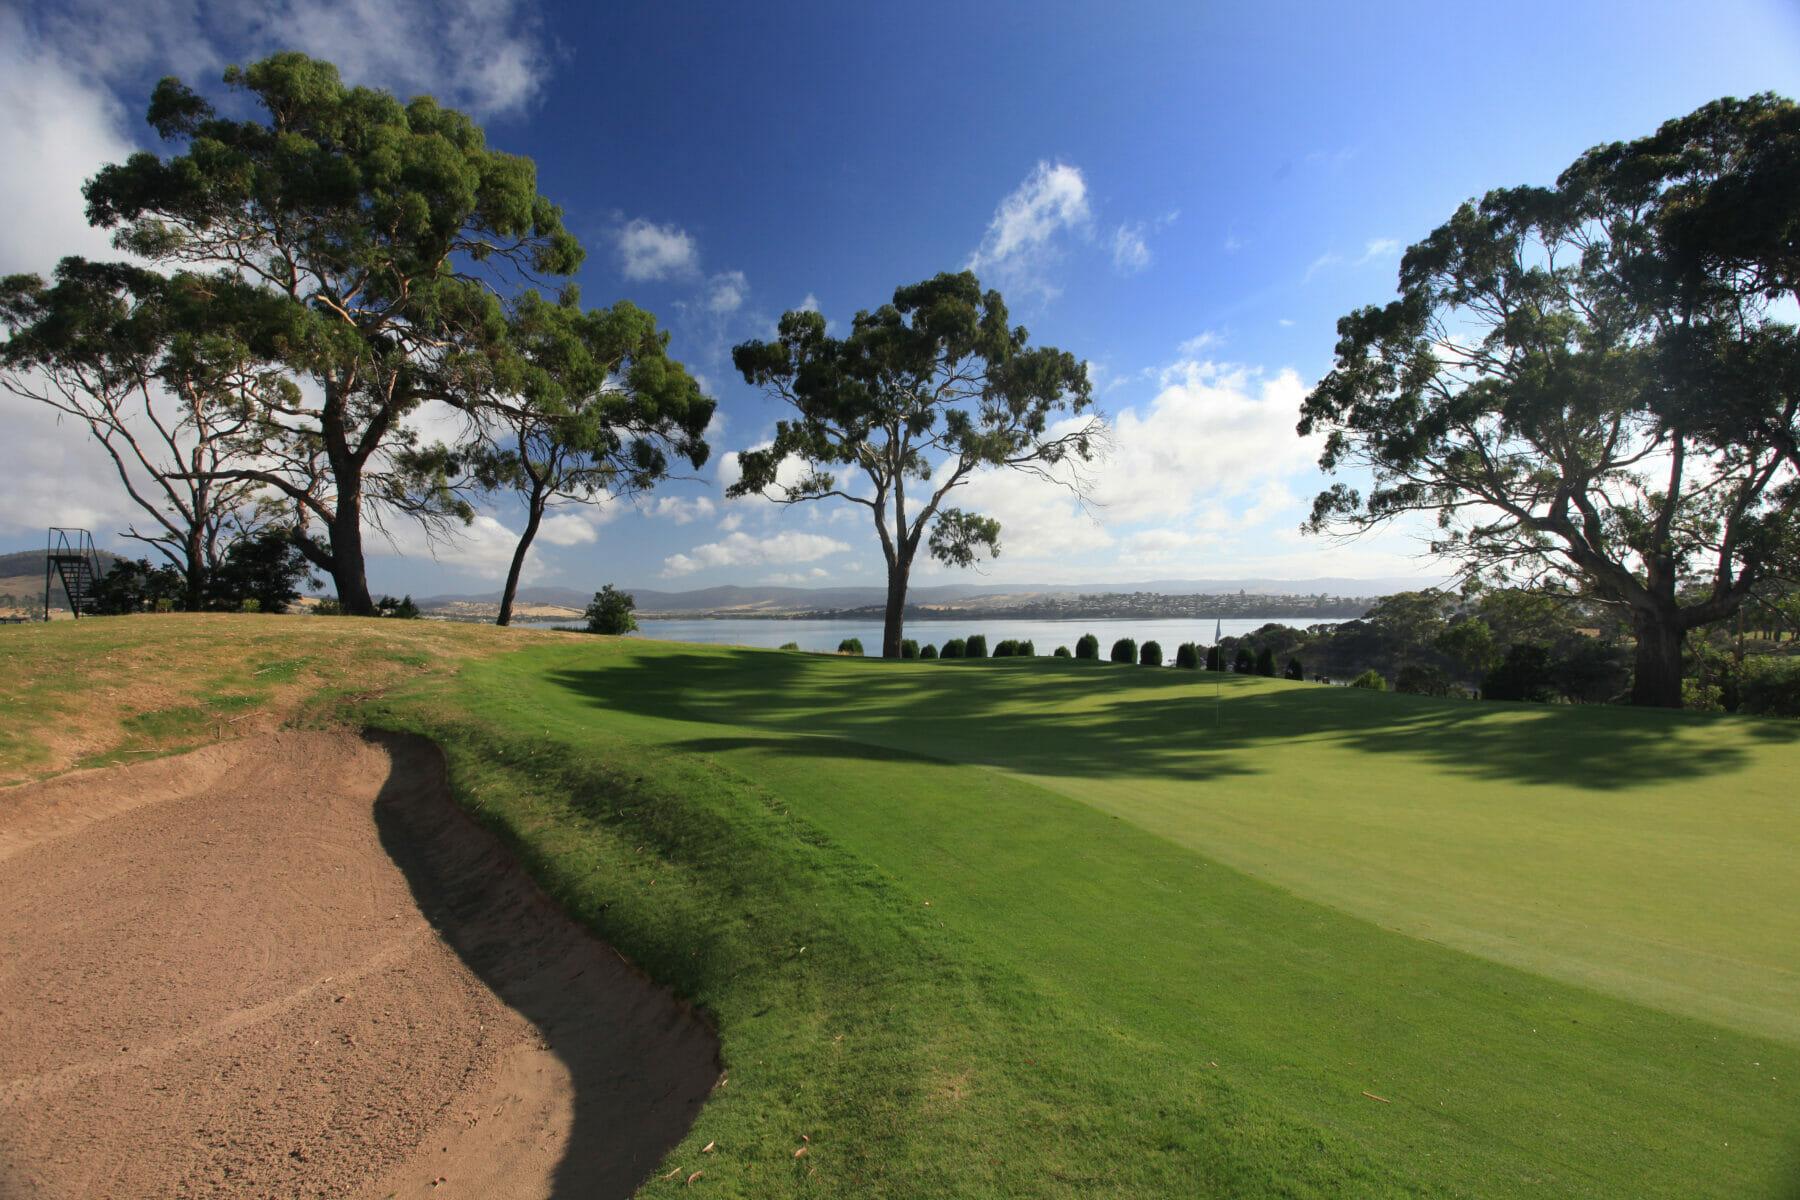 Tasmania Golf Club